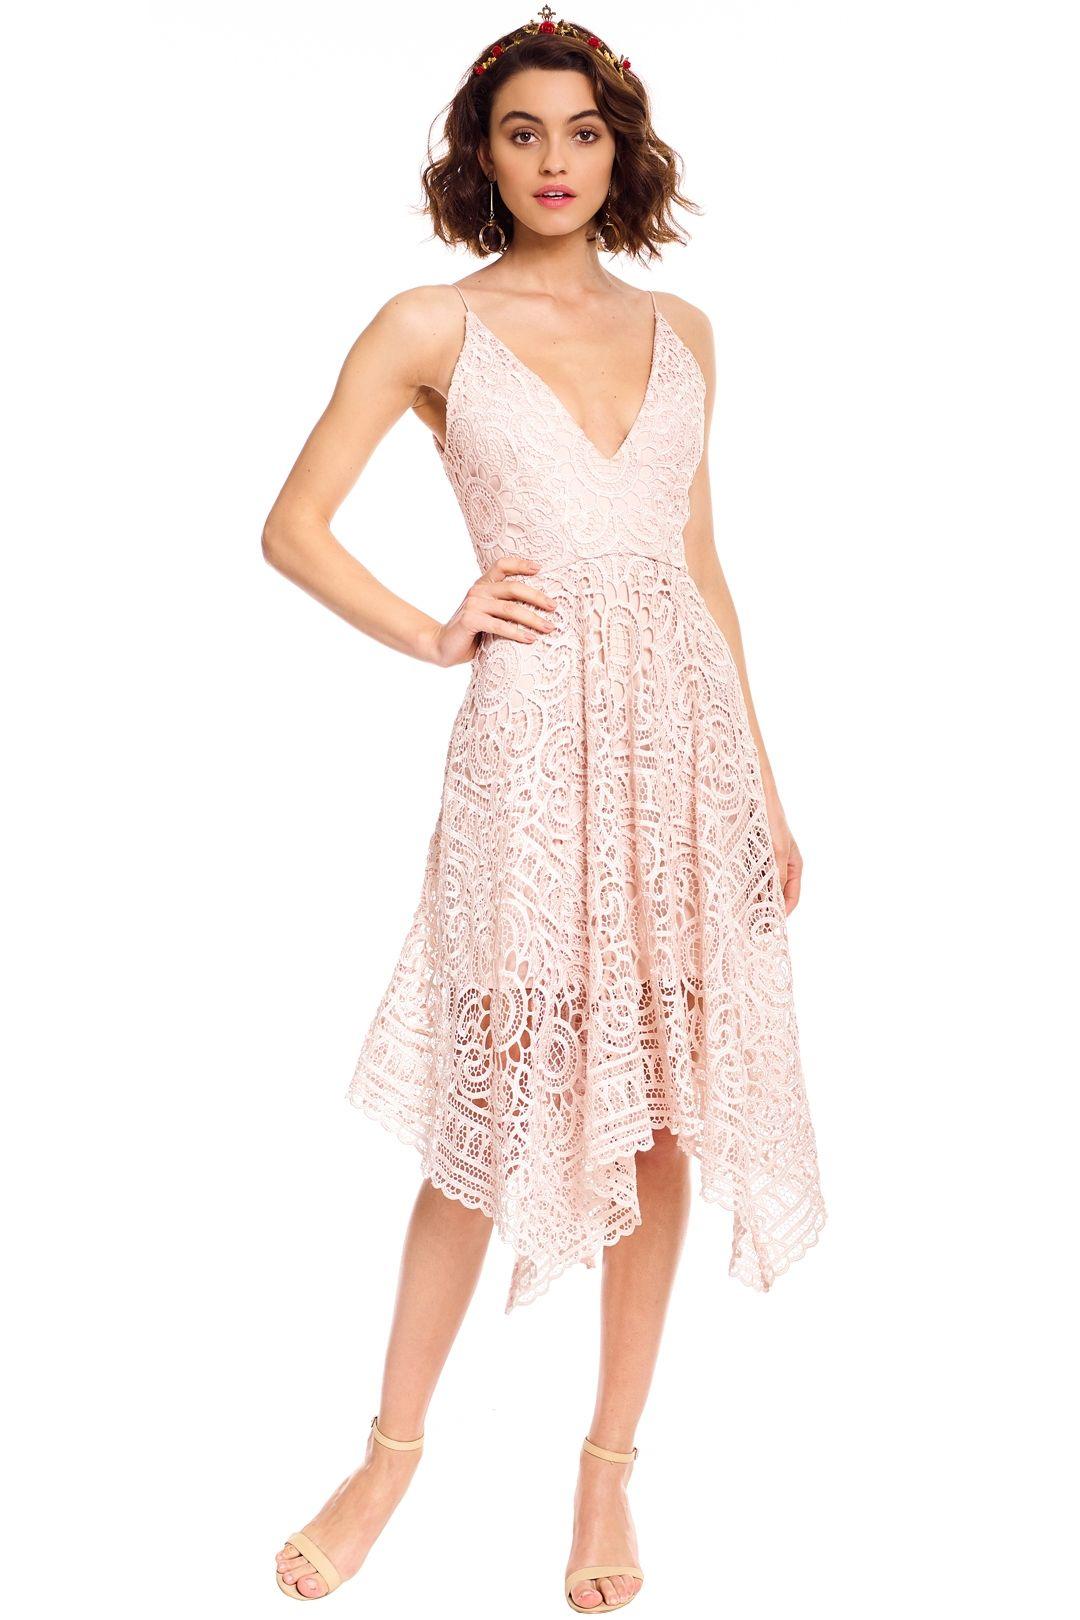 Nicholas - Floral Lace Ball Dress - Antique Pink - Front